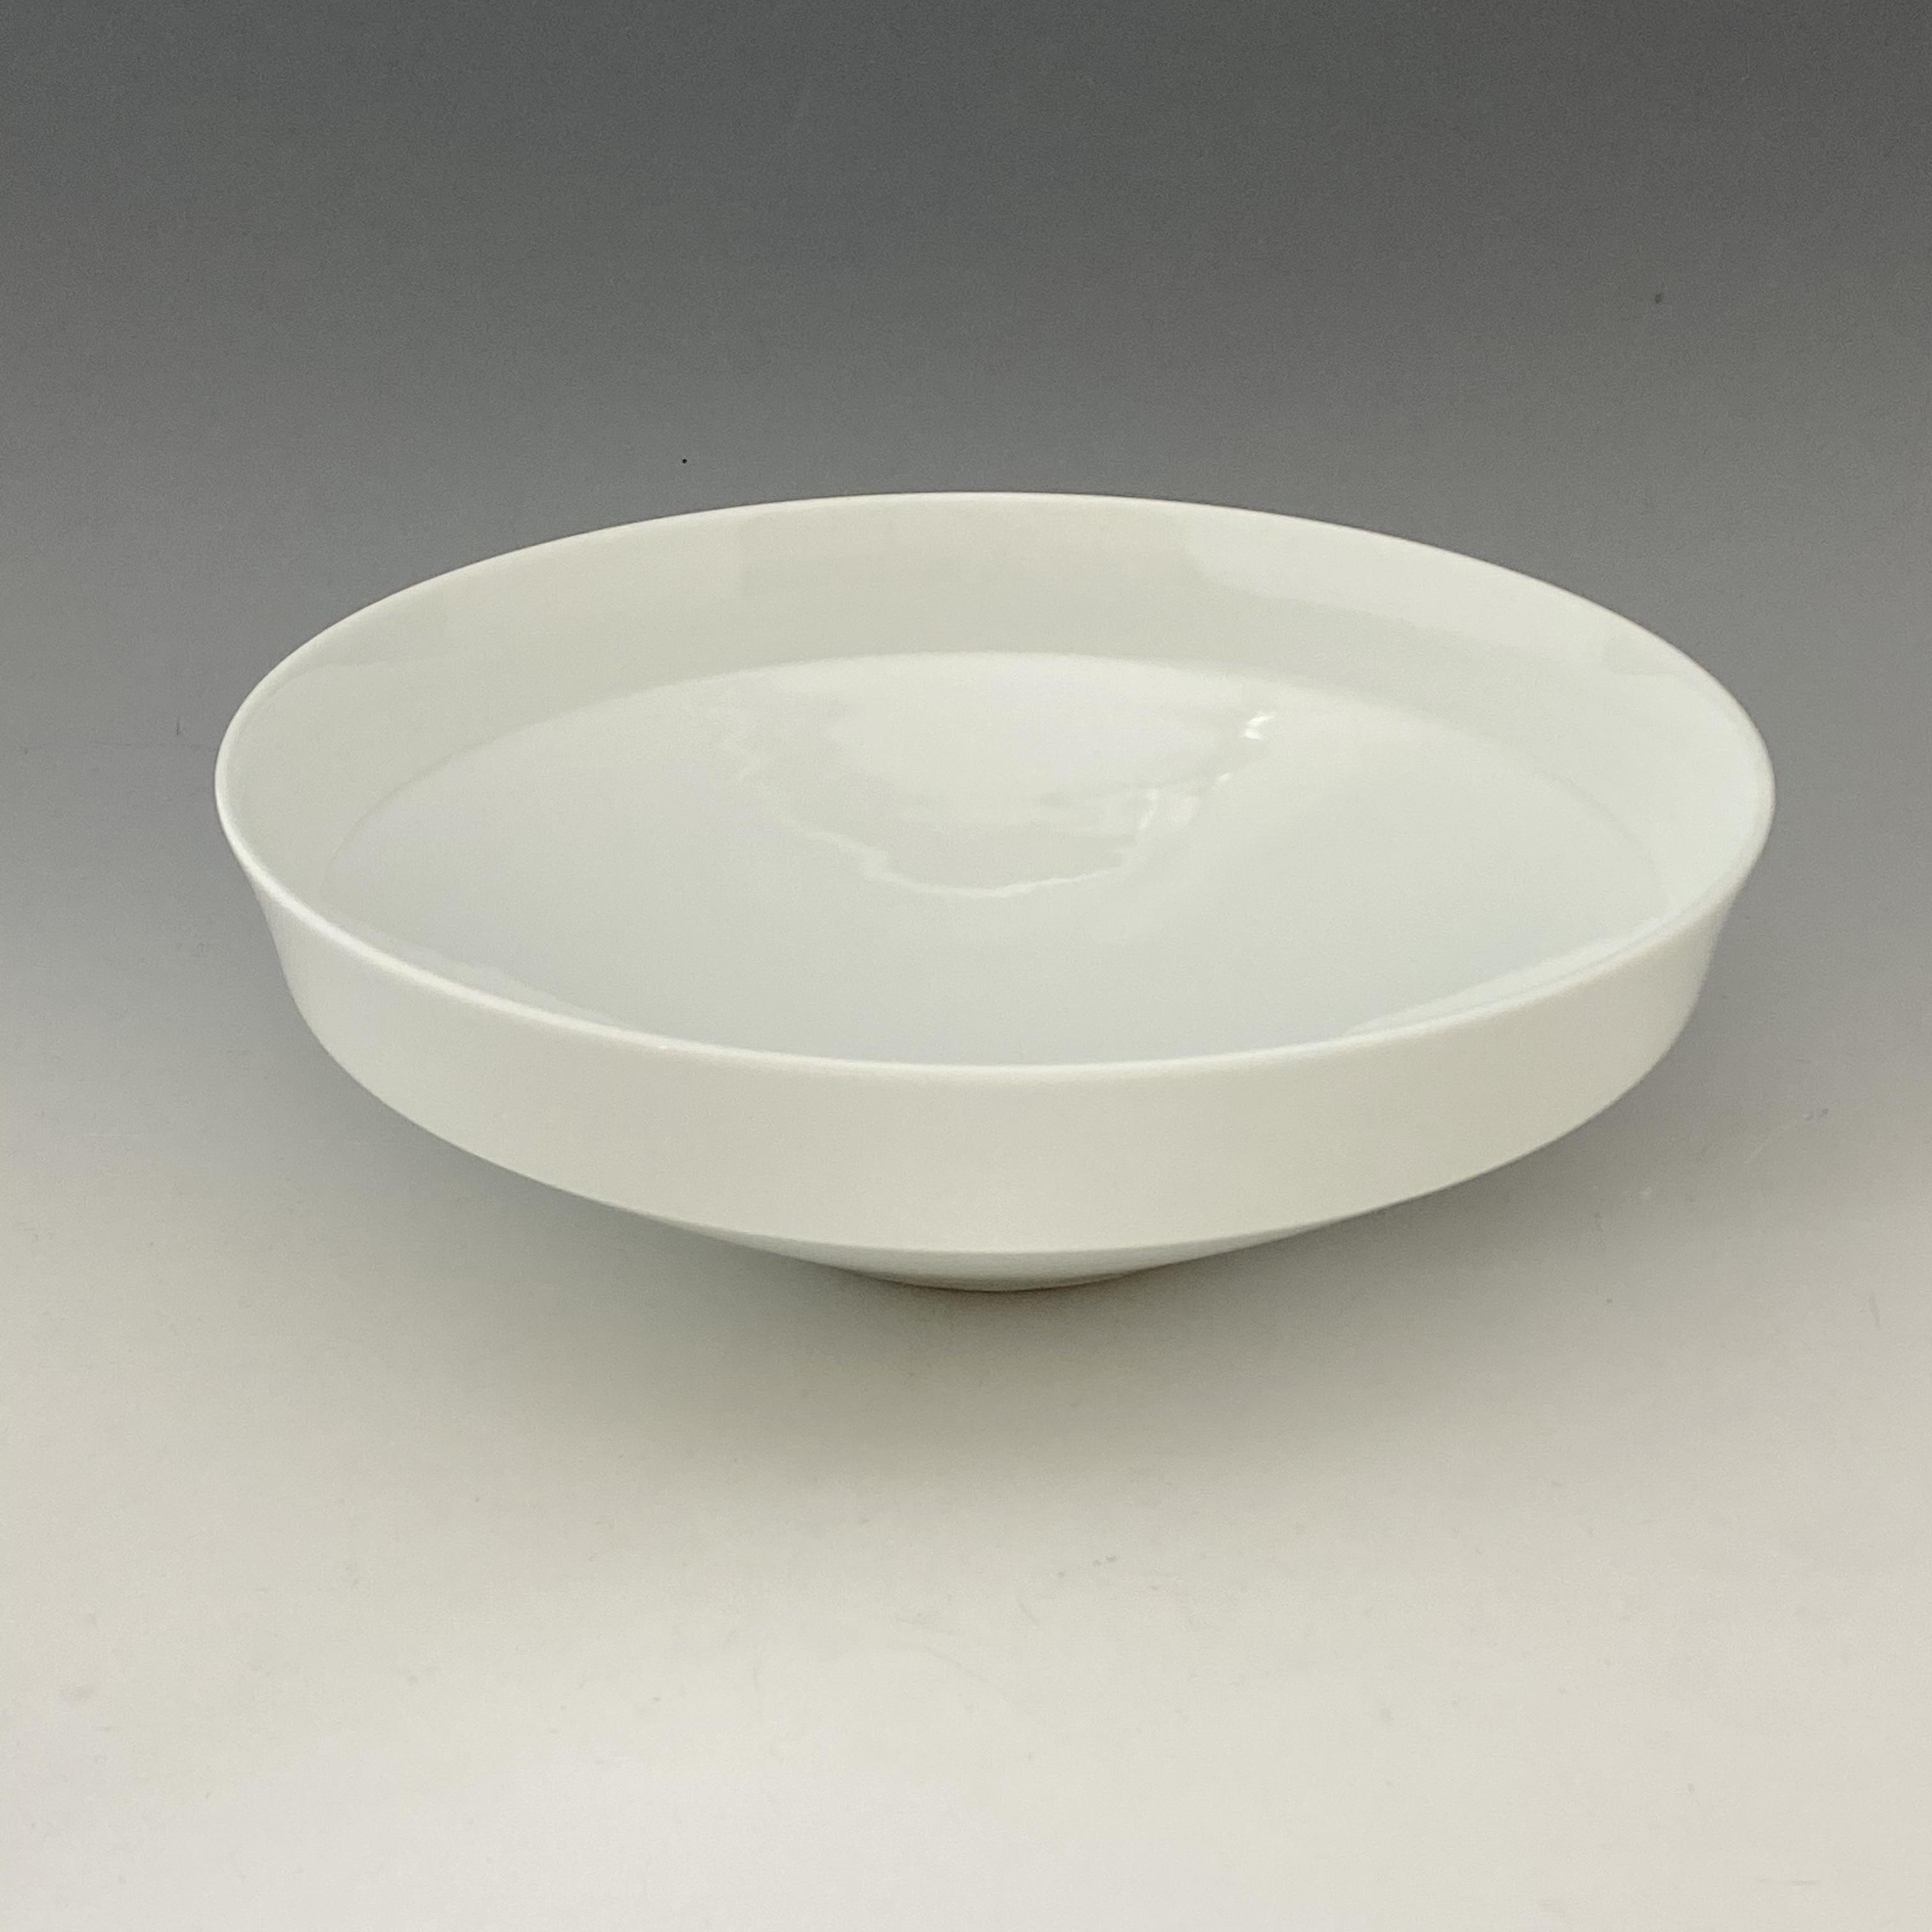 【中尾純】白磁鉢(大•深)